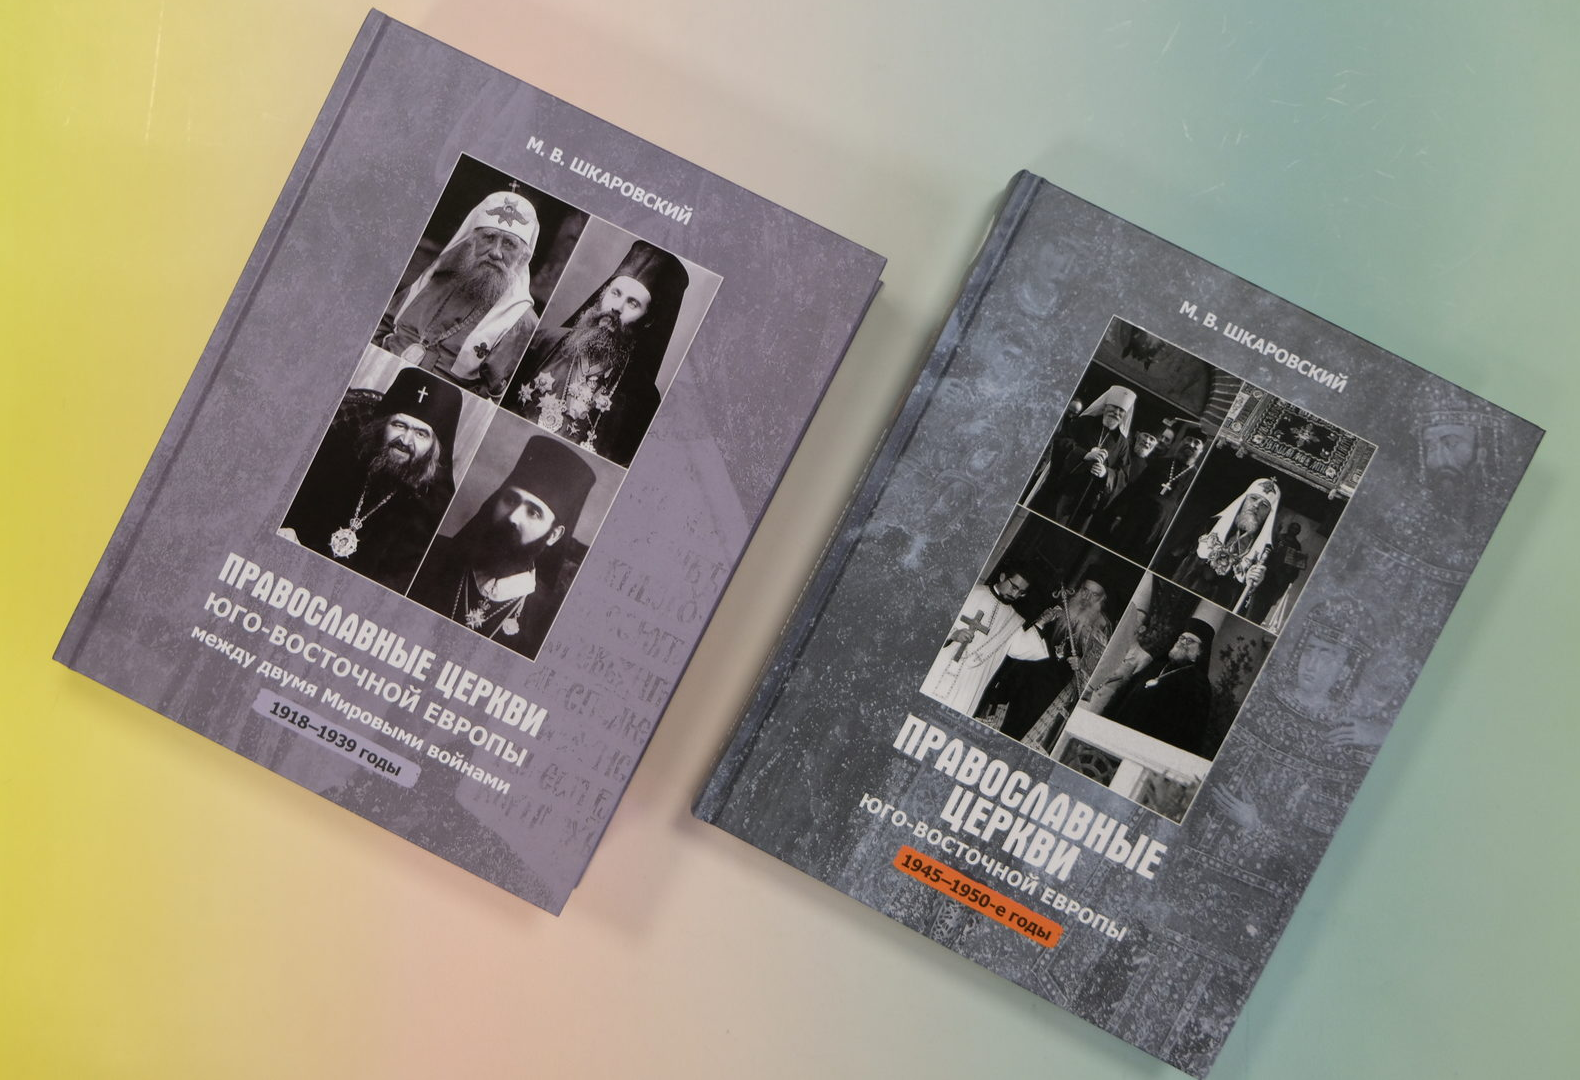 Православные церкви Юго-Восточной Европы 978-5-906960-62-7 978-5-906960-65-8